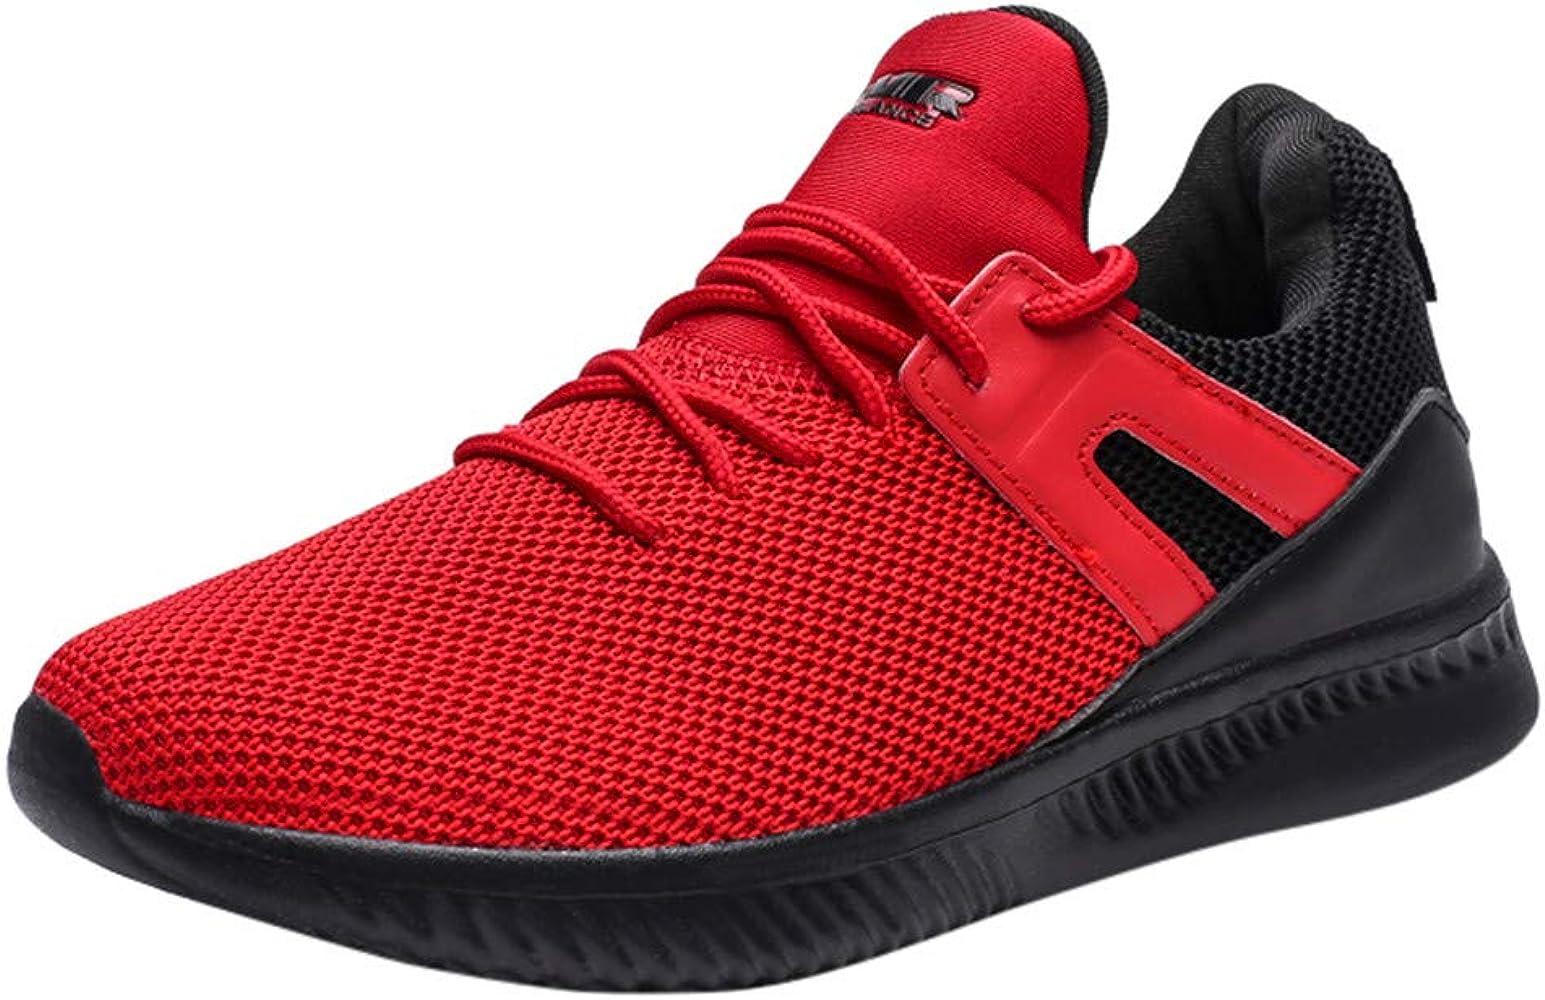 Zapatillas de Deportivos de Running para Mujer Gimnasia Ligero Sneakers Negro Azul Gris Blanco Verde 35-44: Amazon.es: Ropa y accesorios